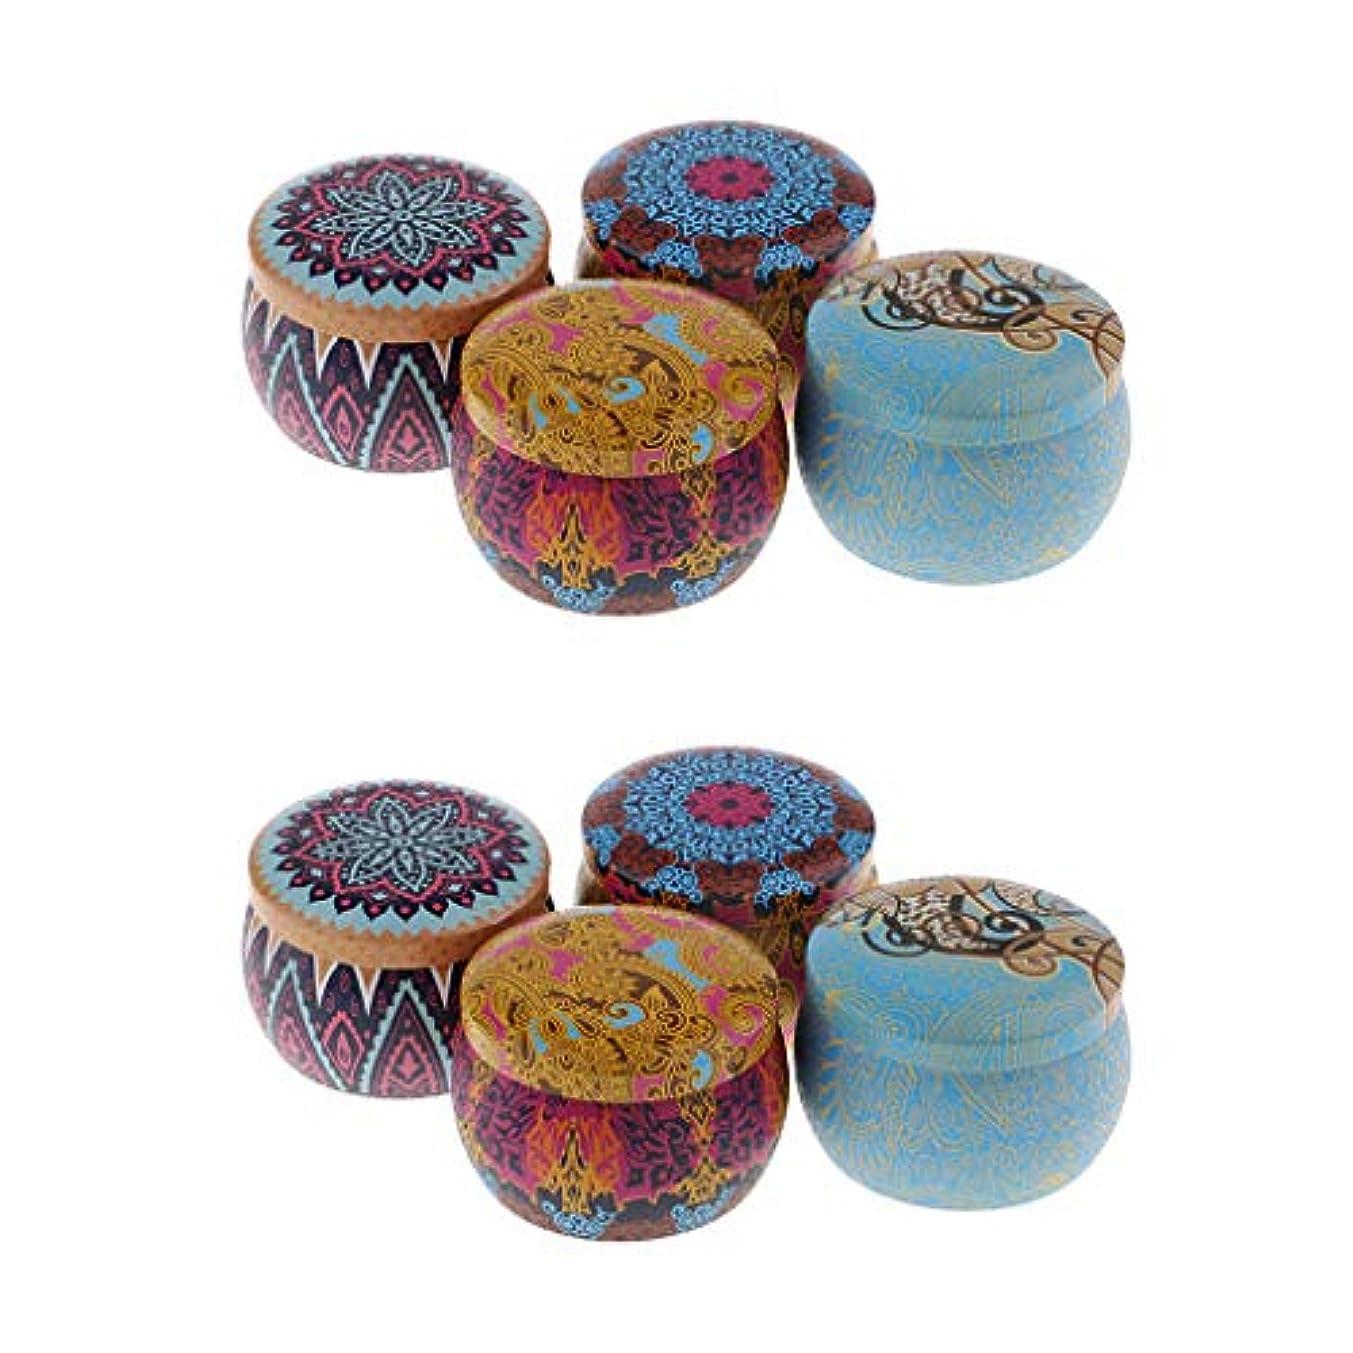 公平なタクト休憩するキャンドル アロマ 缶 香りキャンドル 携帯用 家庭 オフィス 教会 8個セット